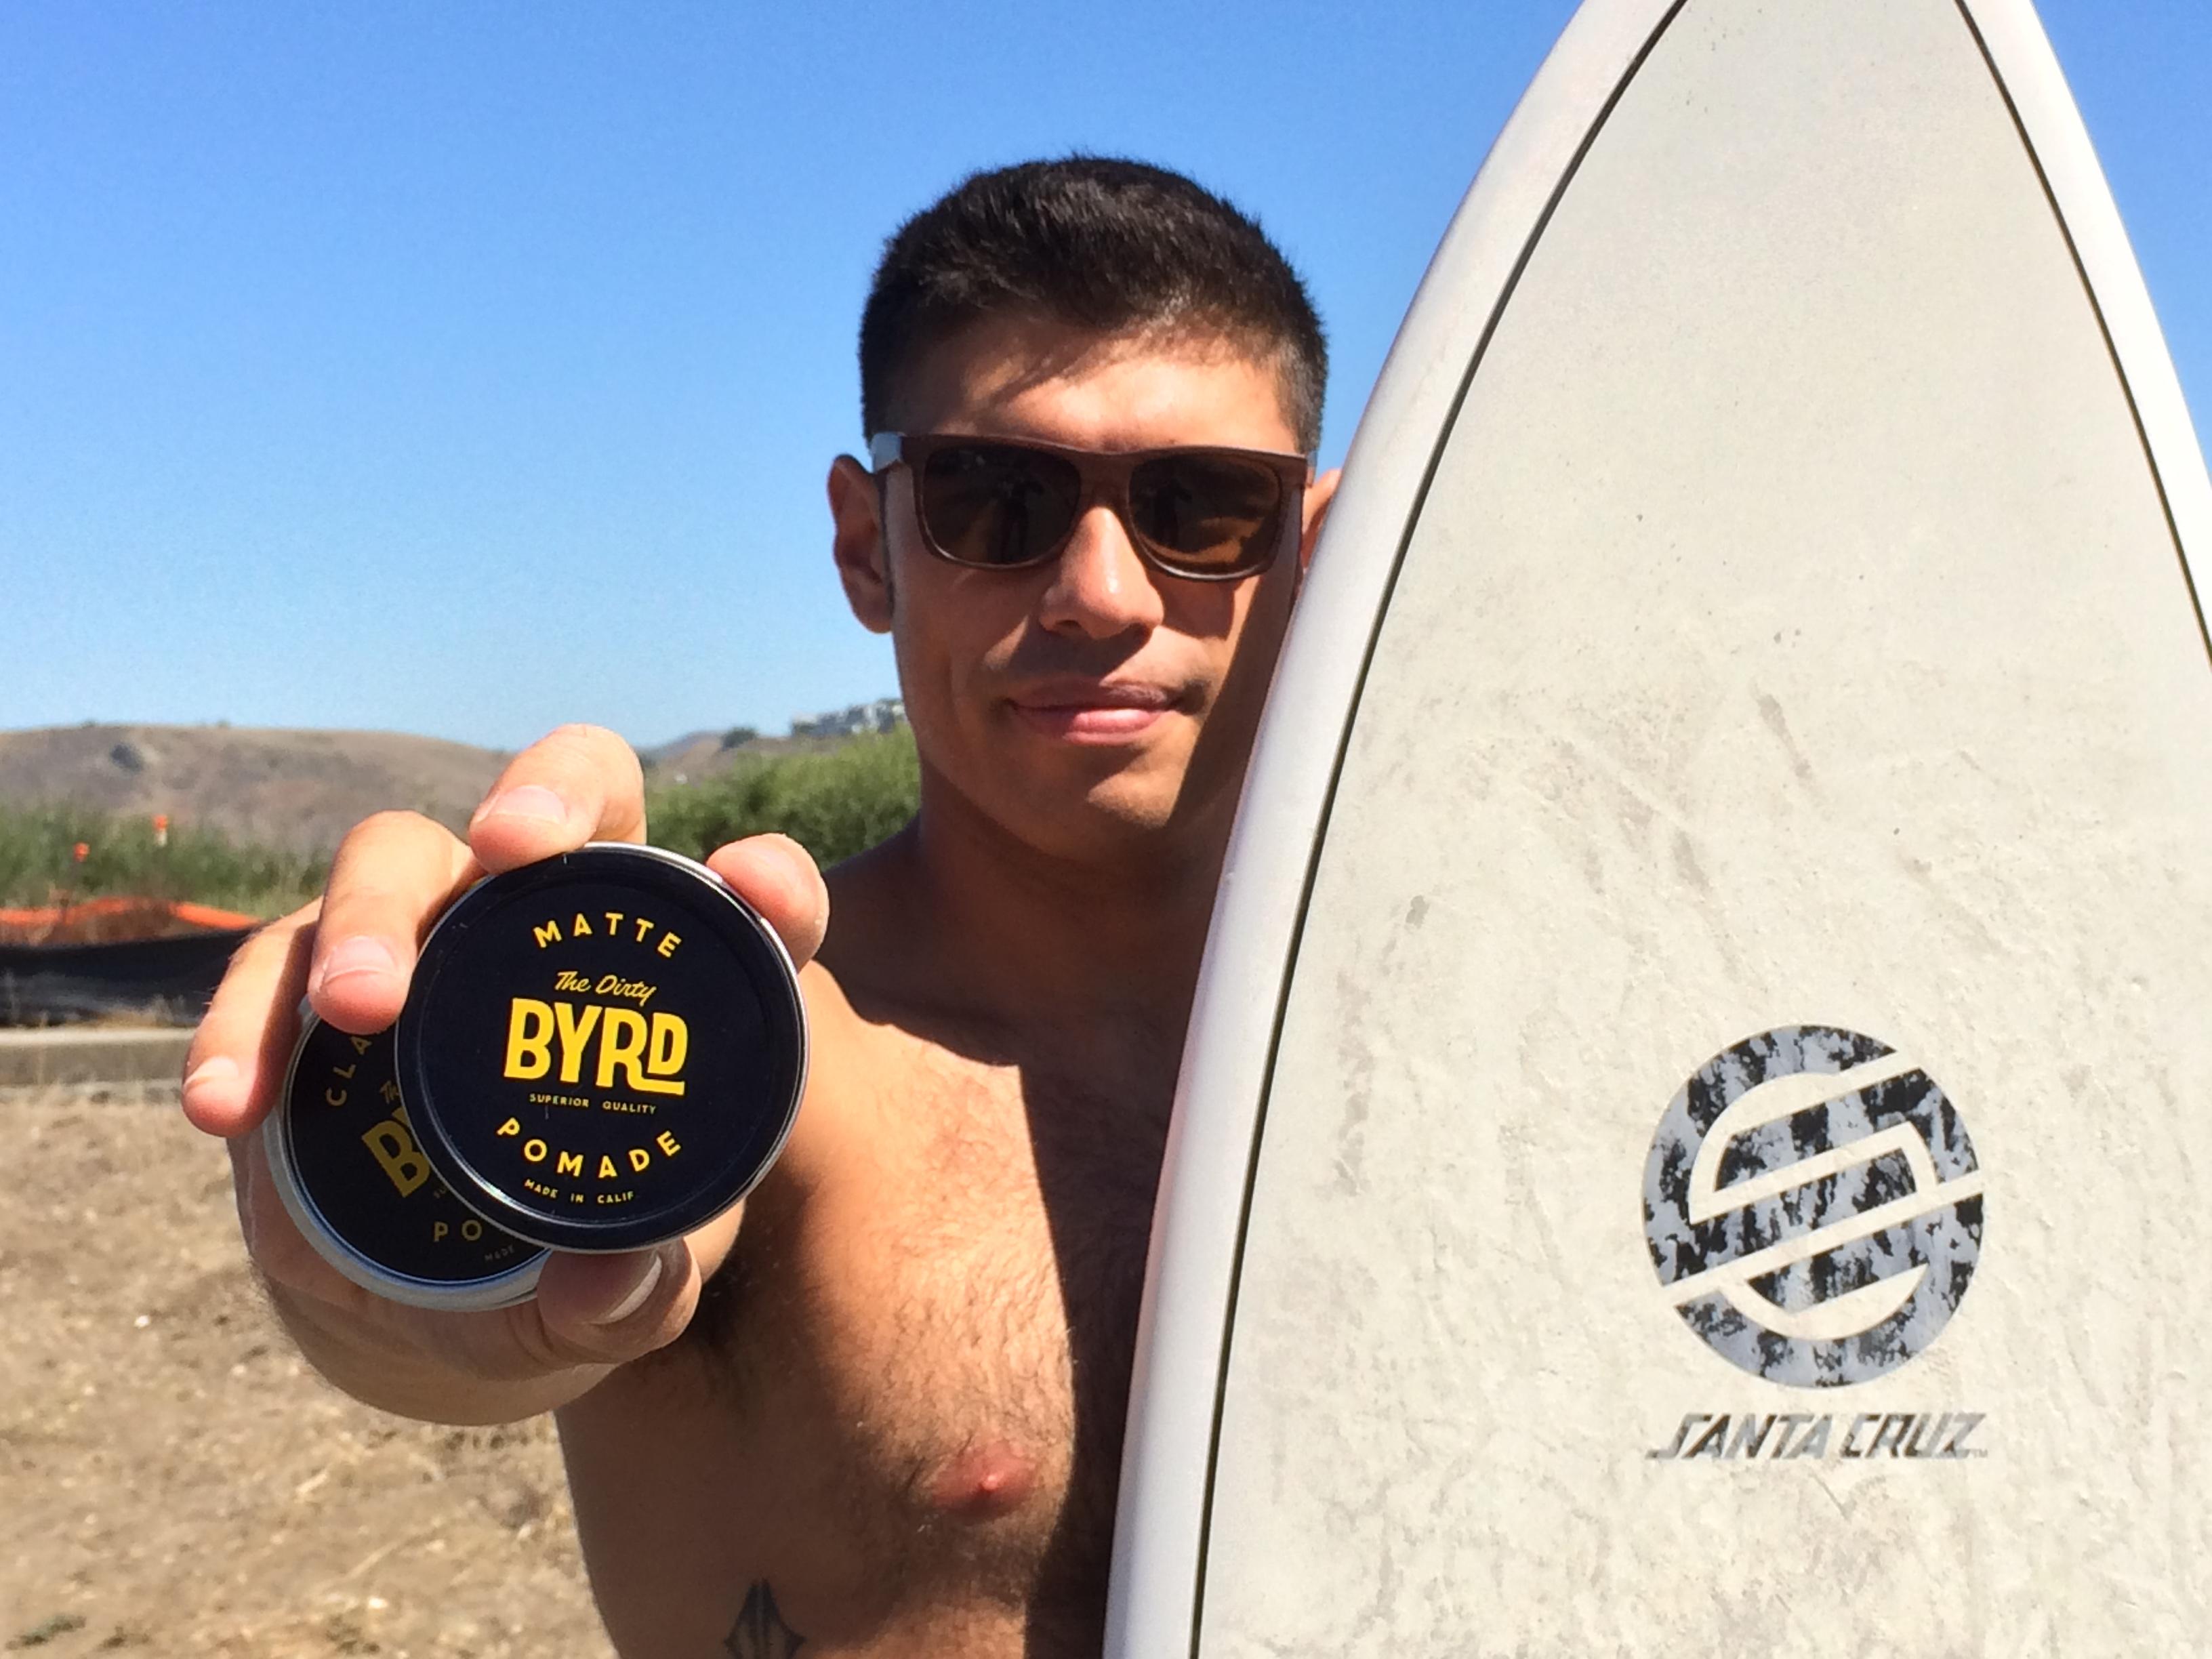 BYRD Hairdo Products 2